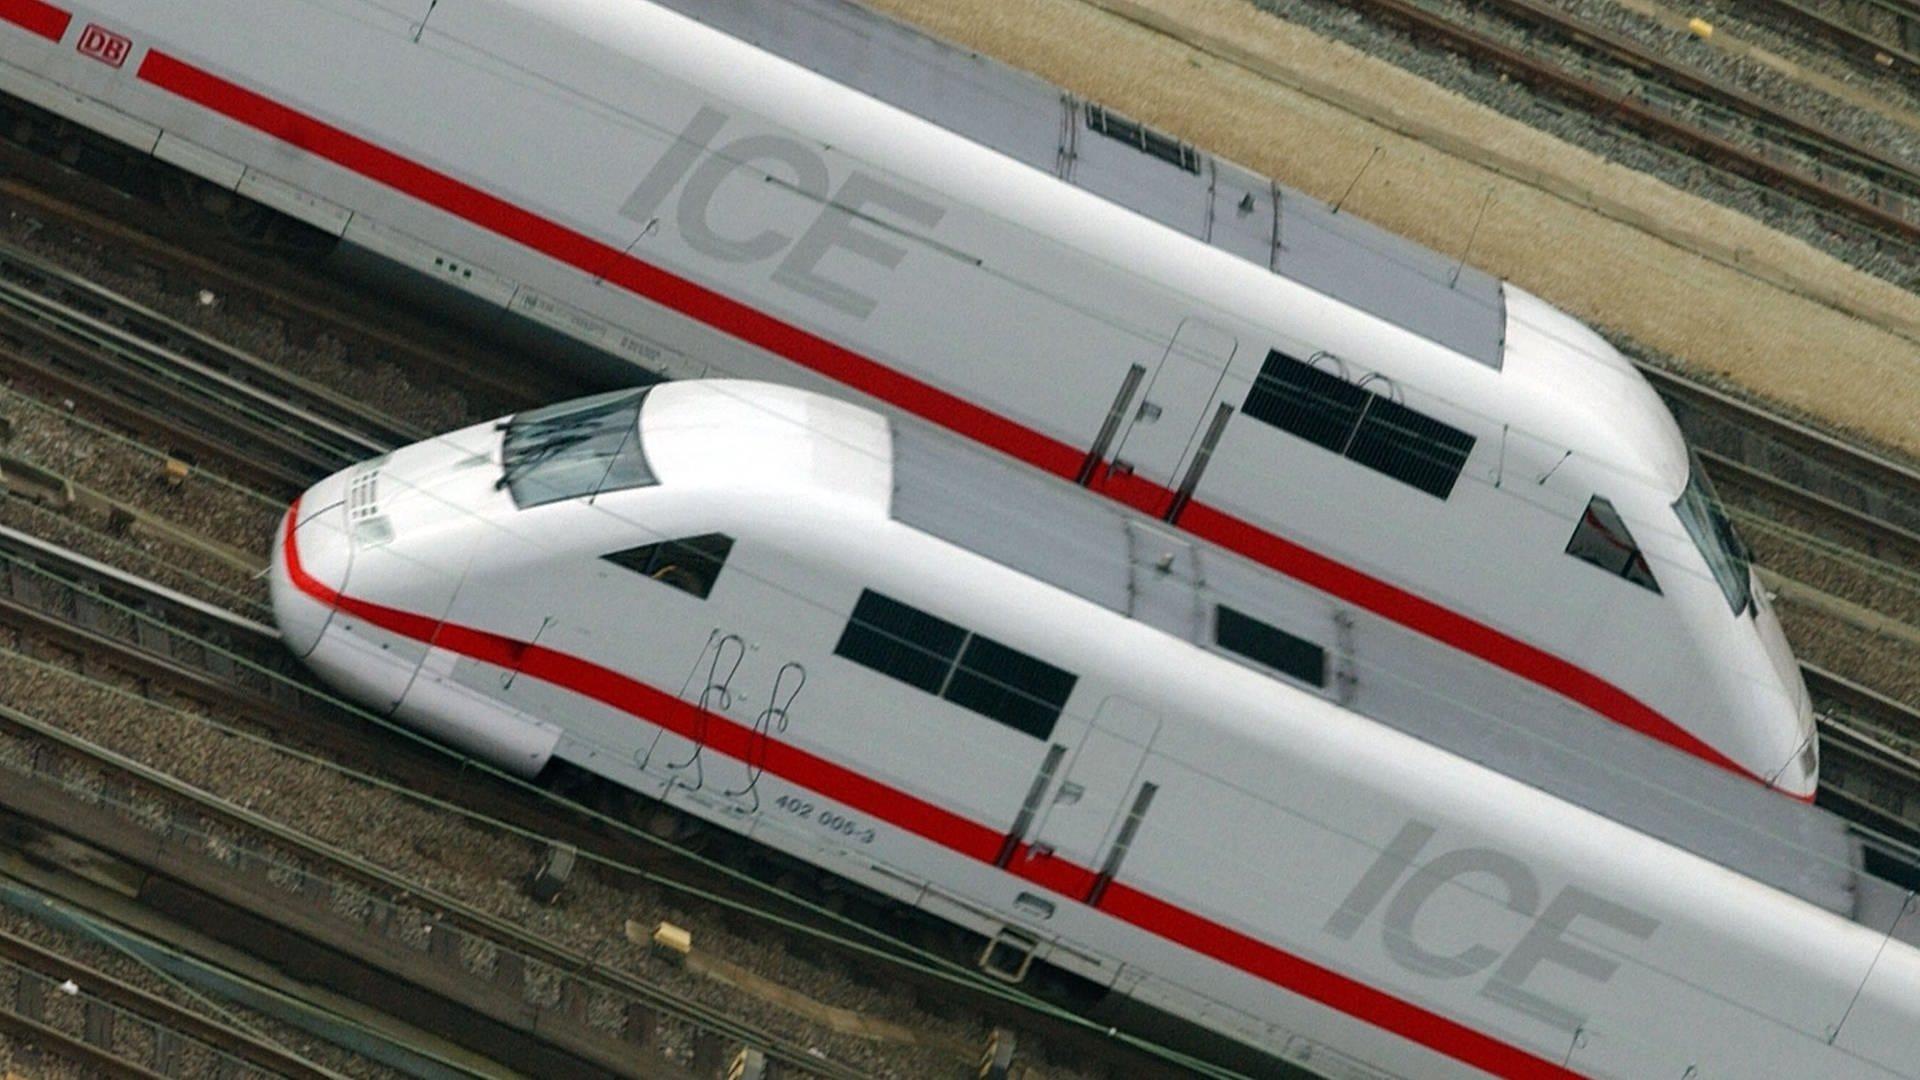 Bild von zwei ICE-Zügen